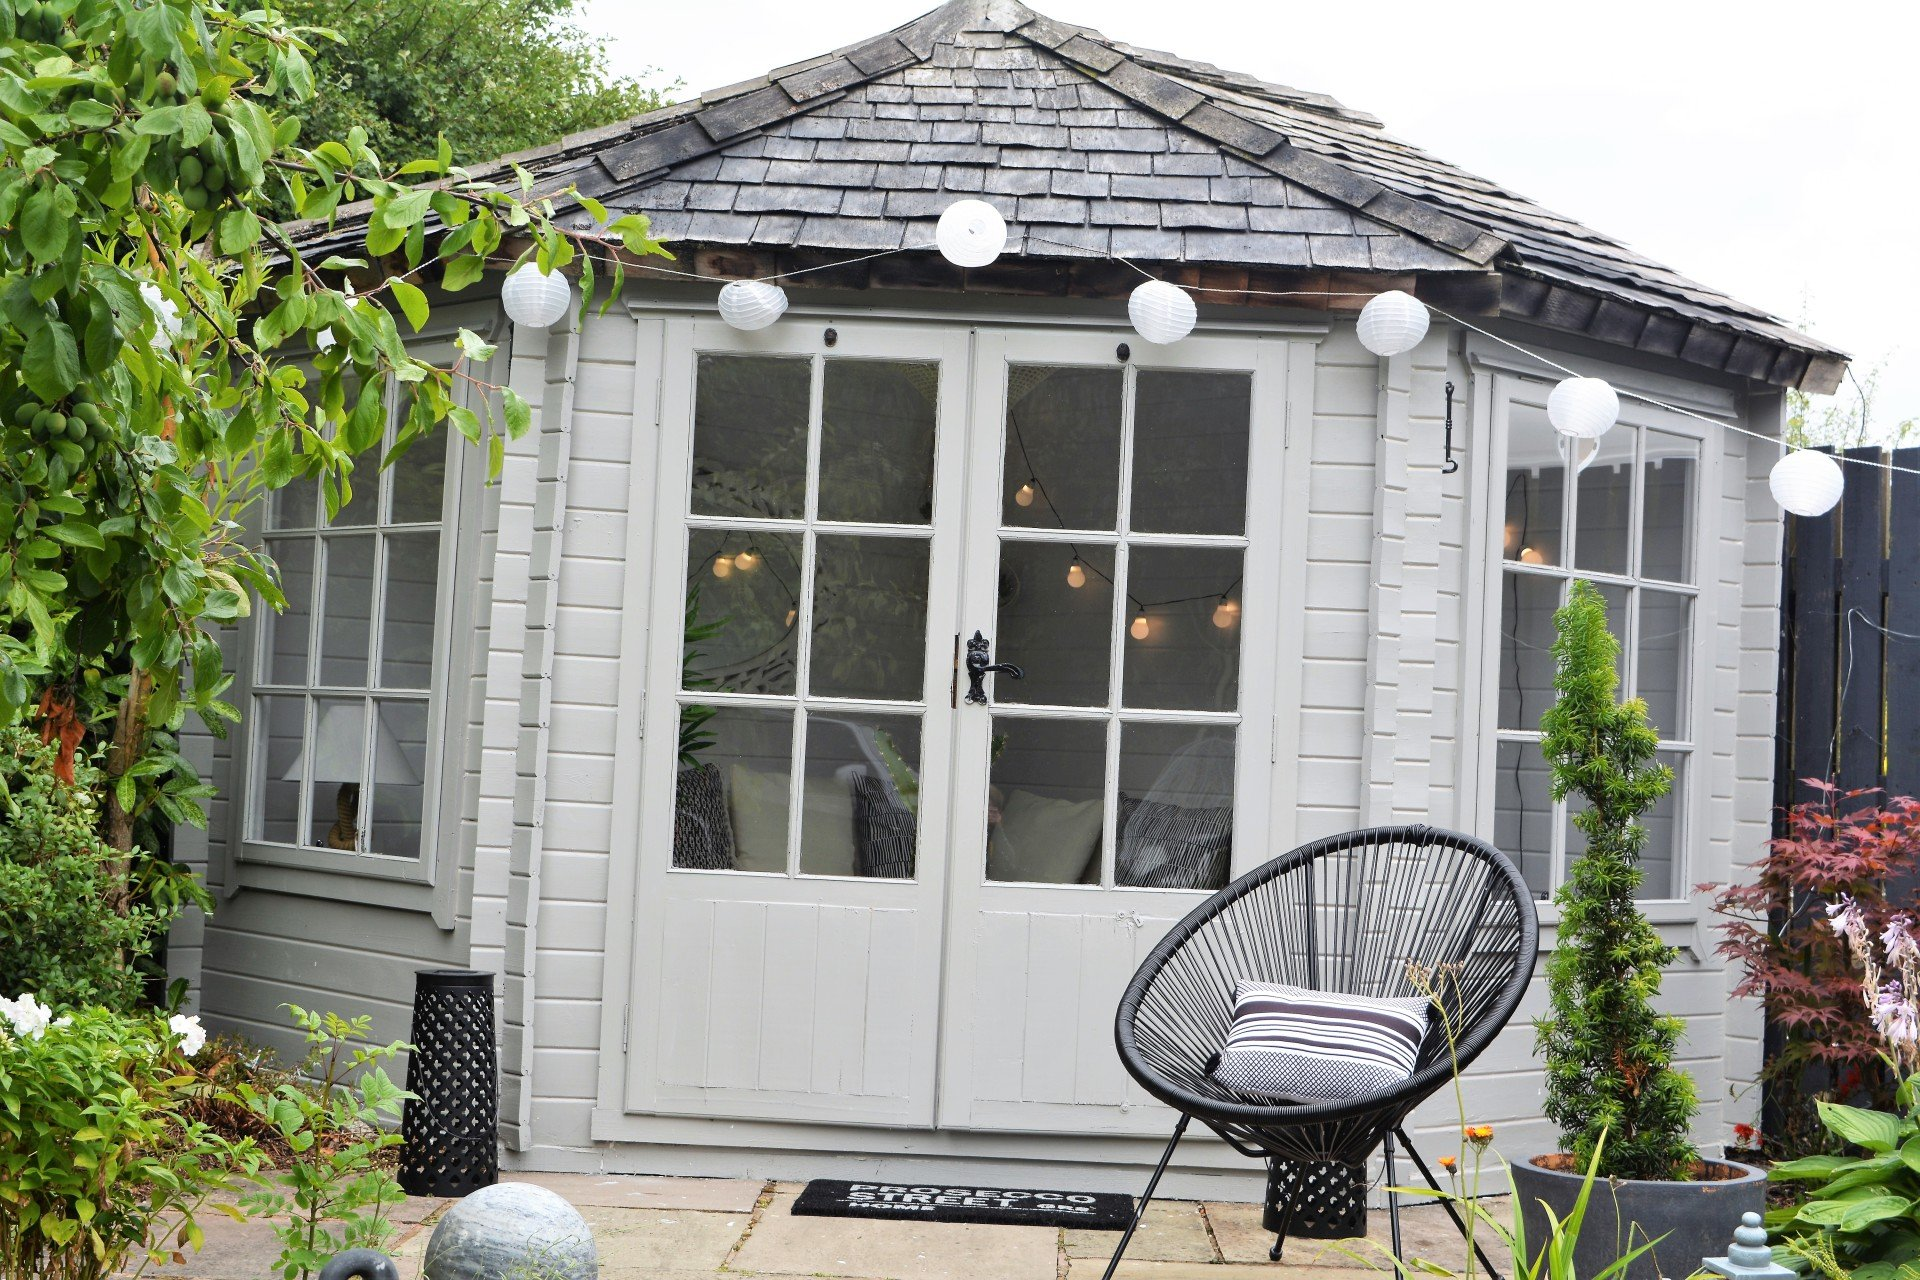 Summerhouse / Garden room Makeover on annie sloan paint, crown paint, ralph lauren paint, dulux paint,